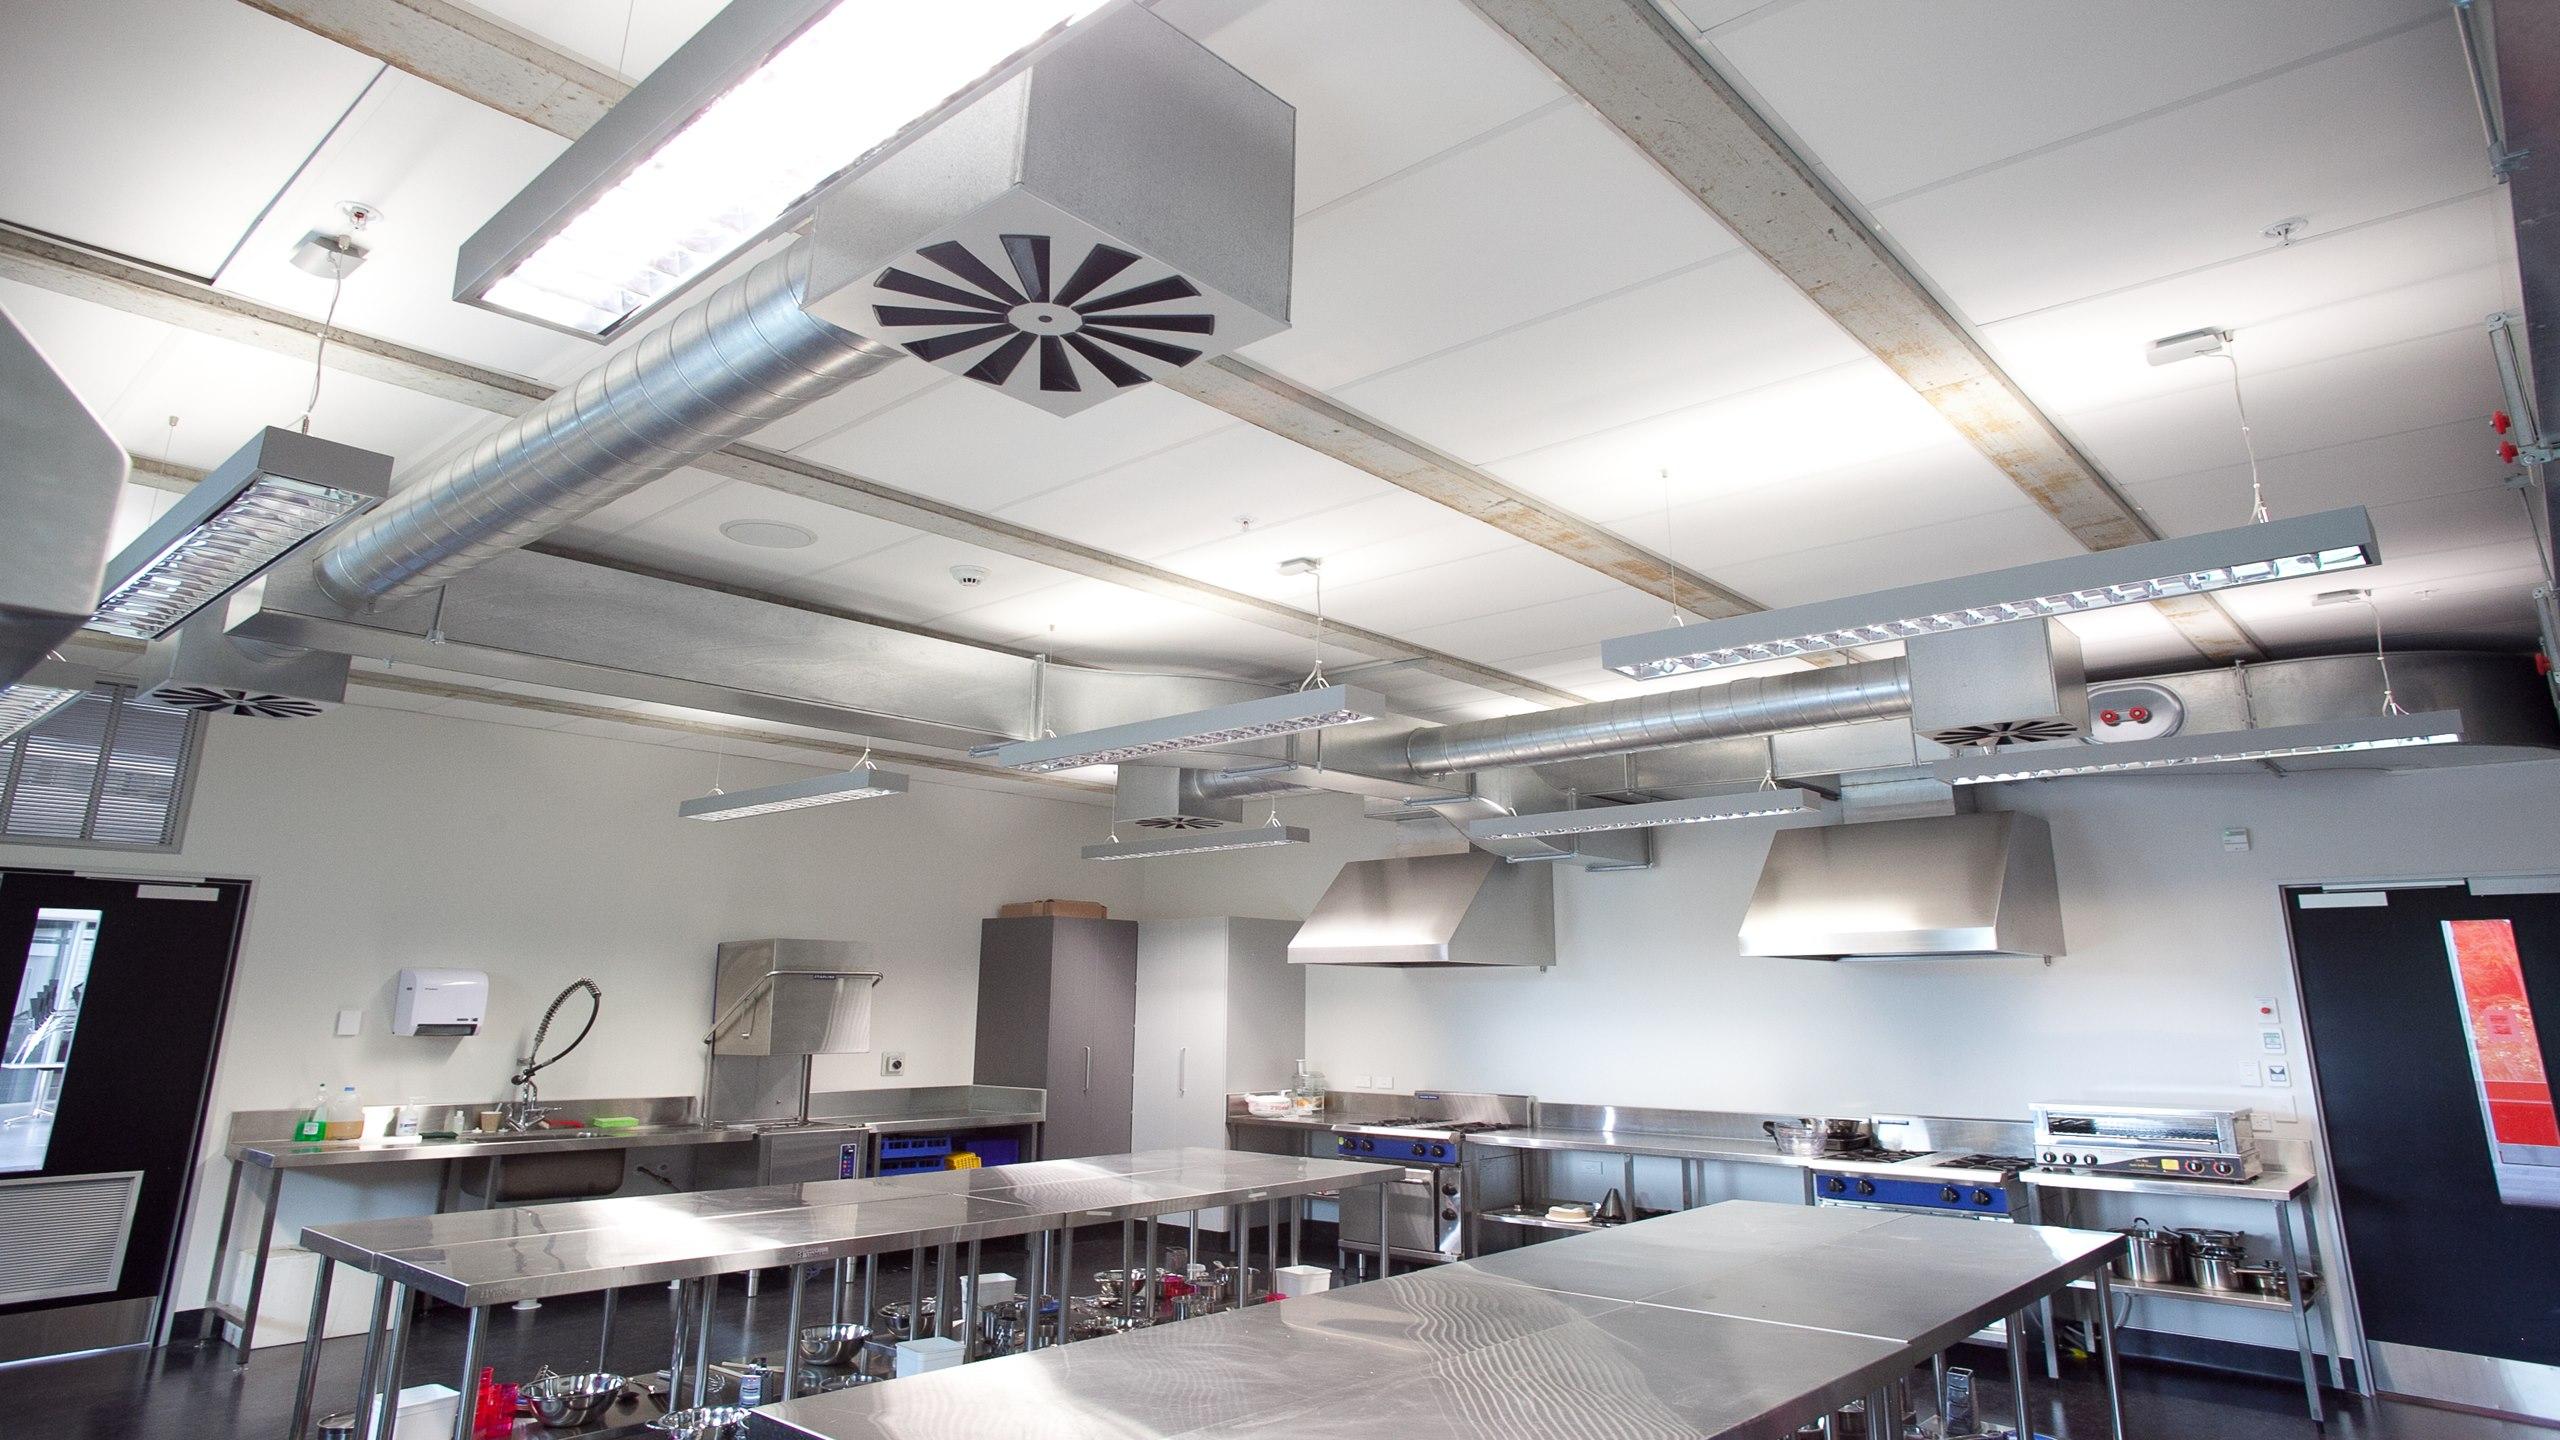 Albany High School, Food Tech Room - Triton Hygiene